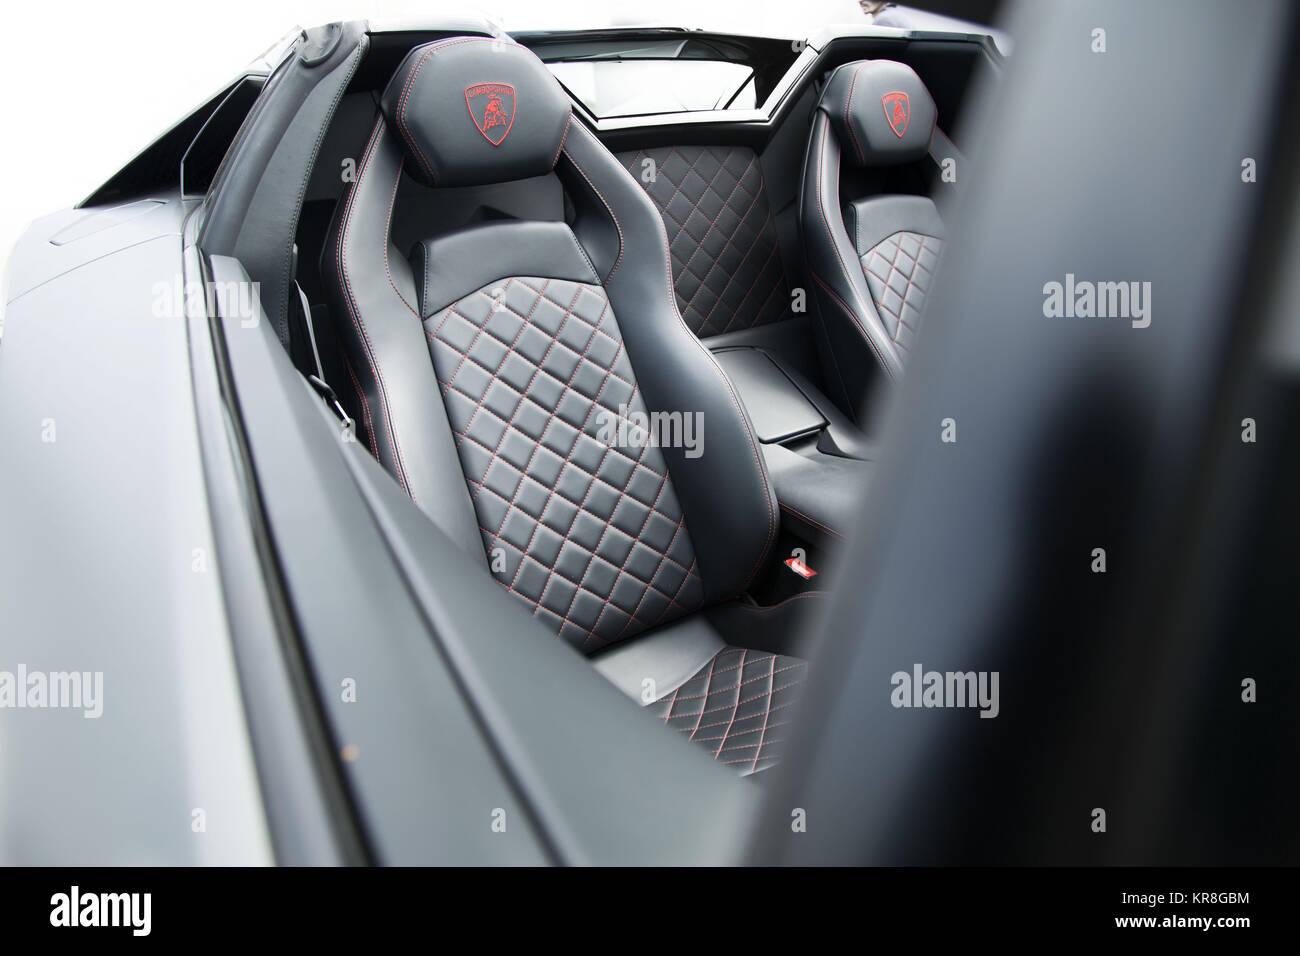 Lamborghini Aventador Flat Metallic Exterior Interior Stock